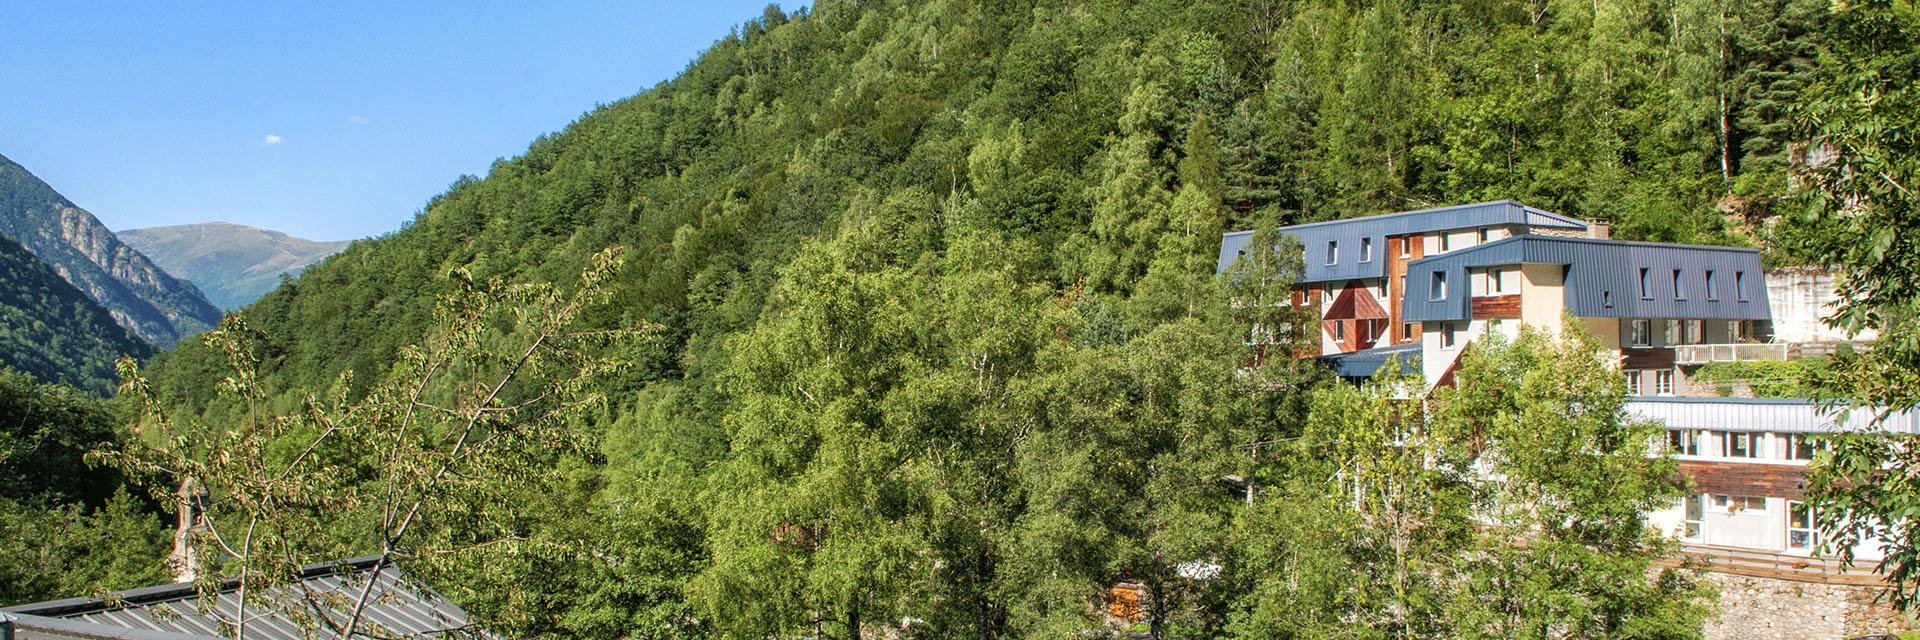 La ronde des châteaux cathares - Village de Vacances de Marc